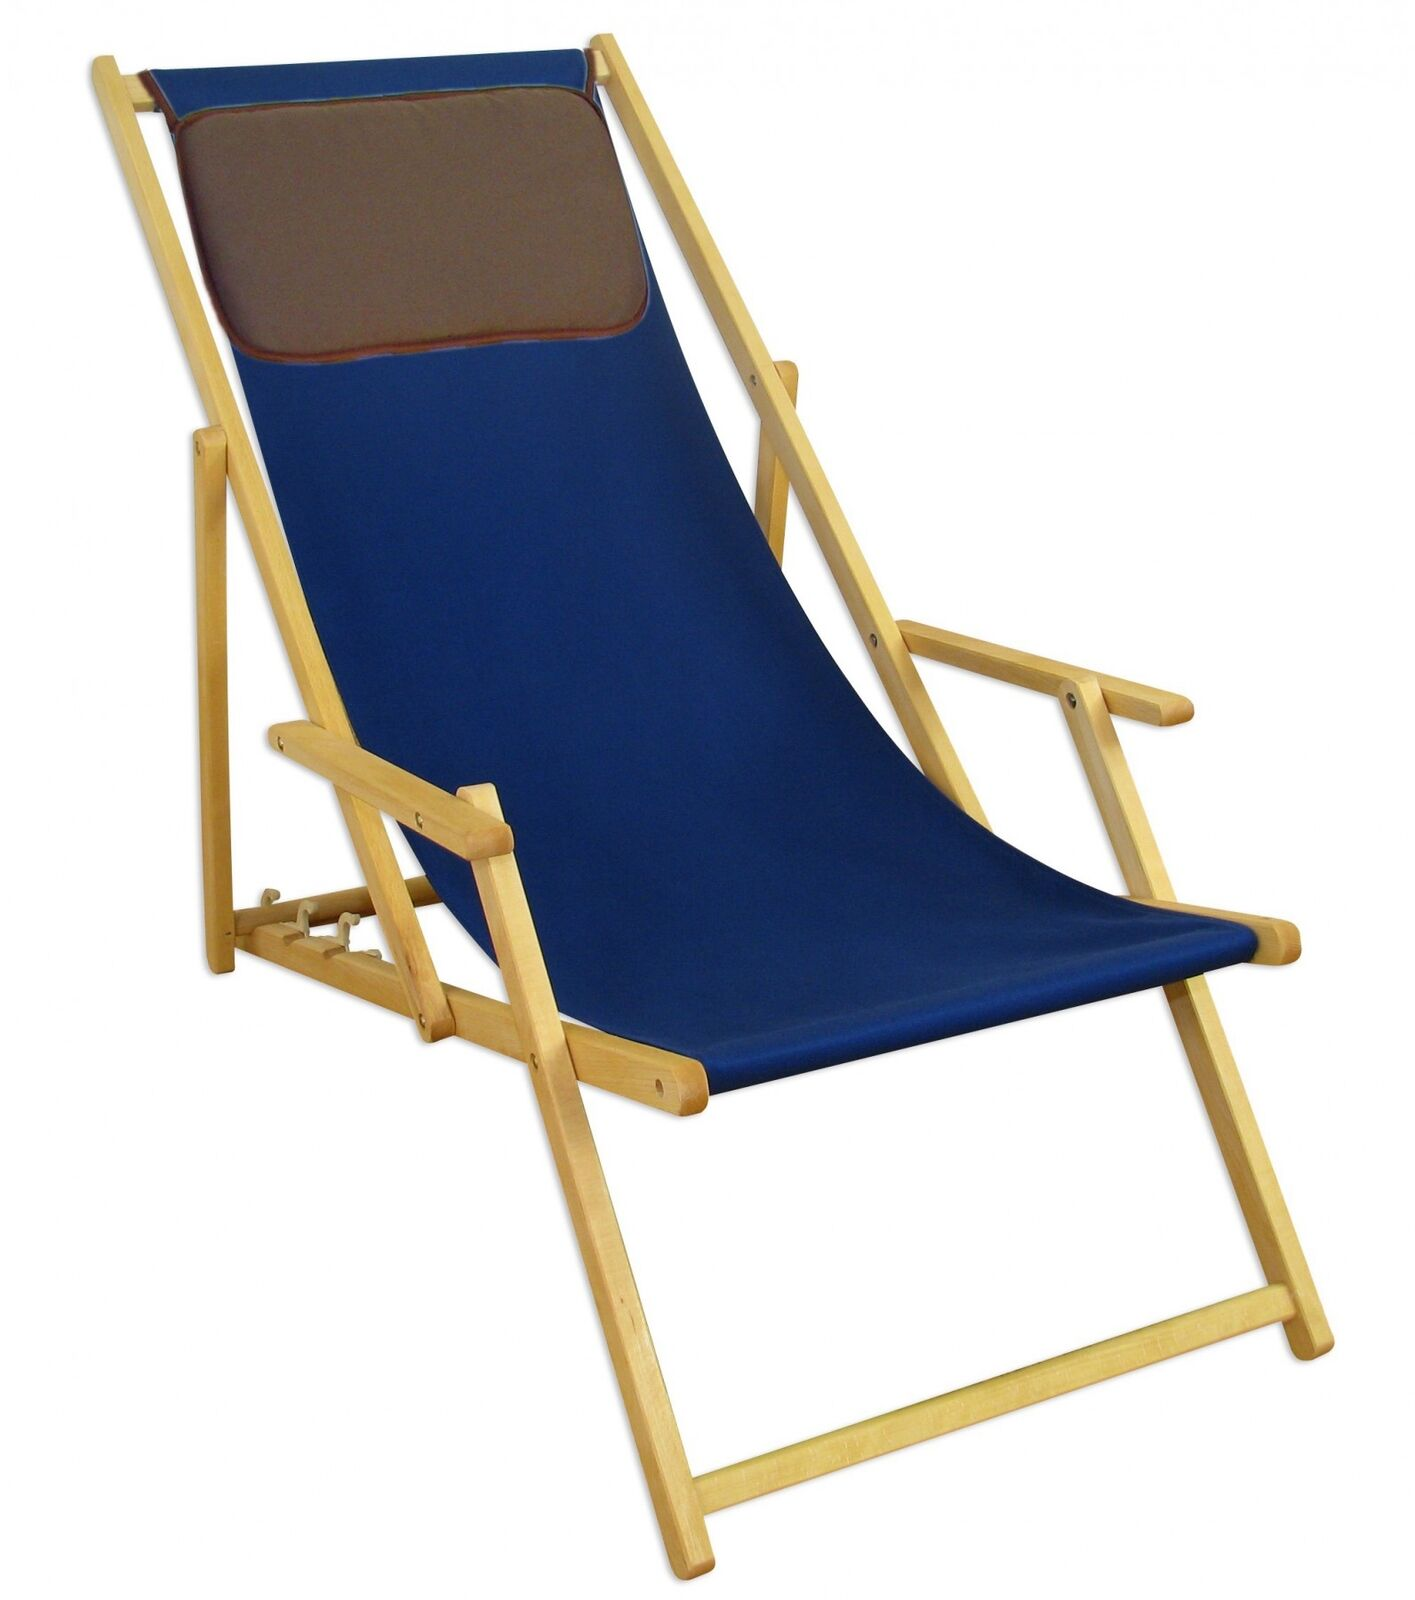 Dune azul silla tumbona tumbona solar haya tumbona de jardín muebles de jardín 10-307 NKD